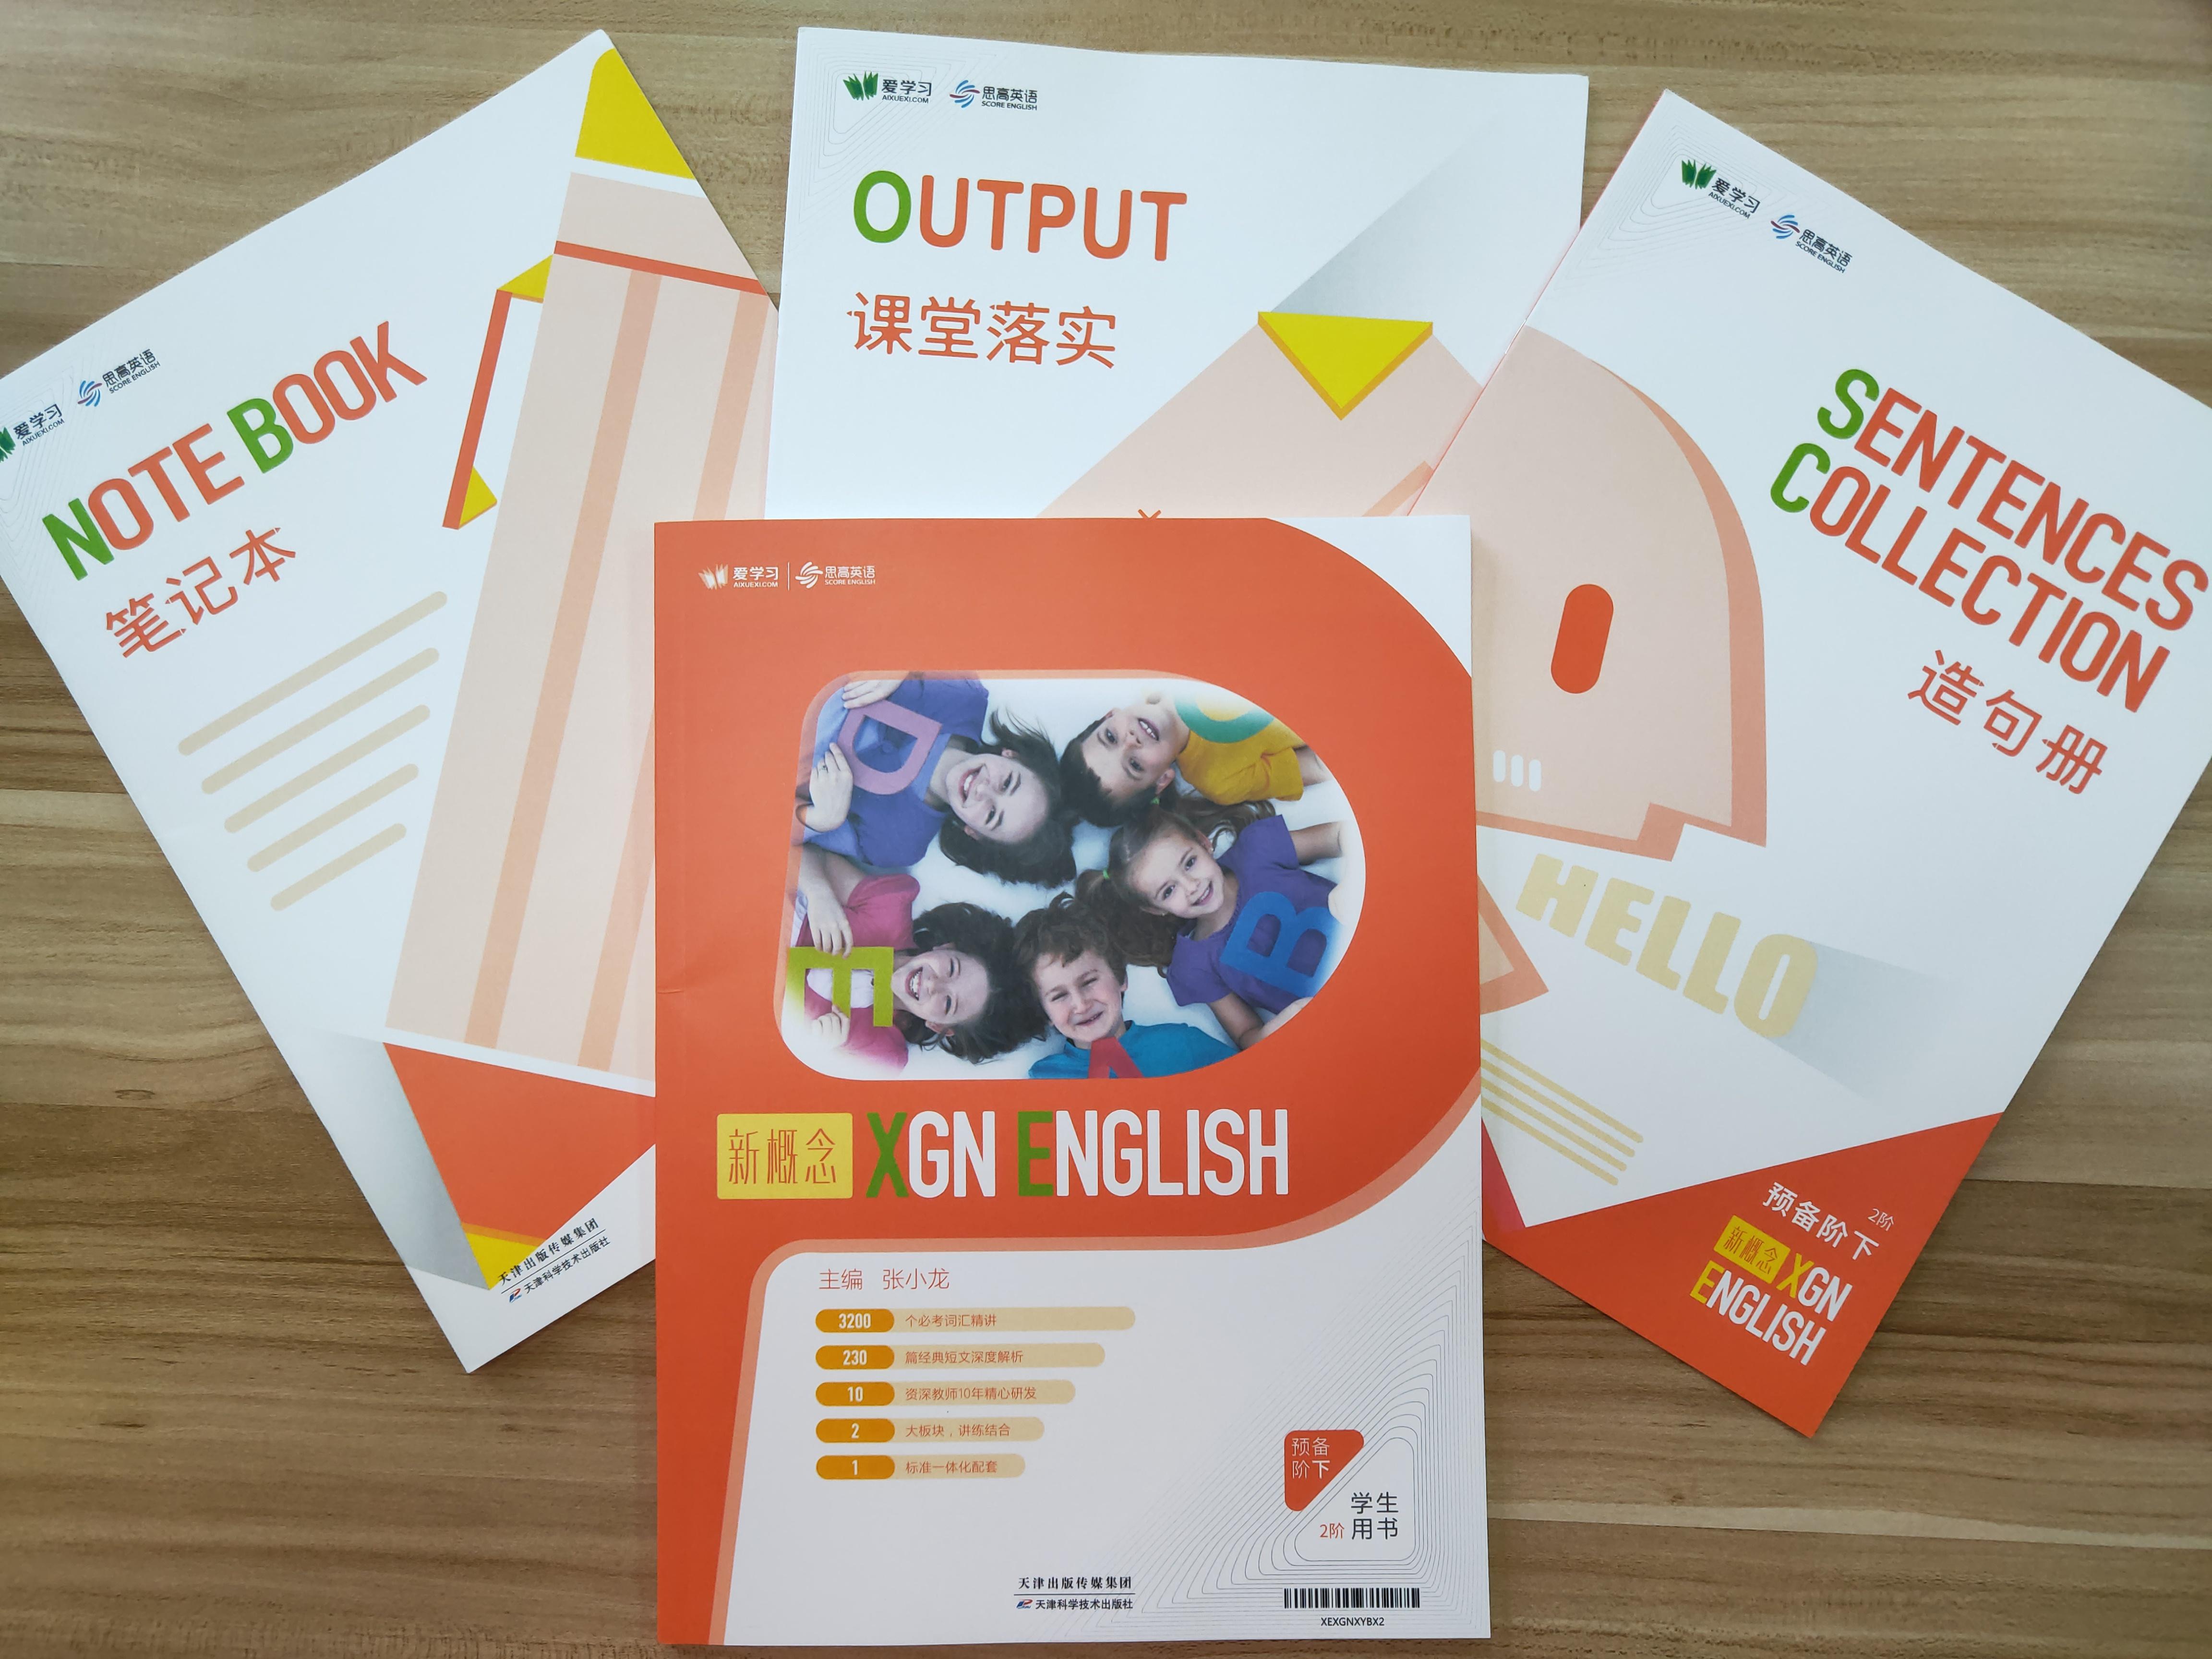 倍尔思教育英语课程